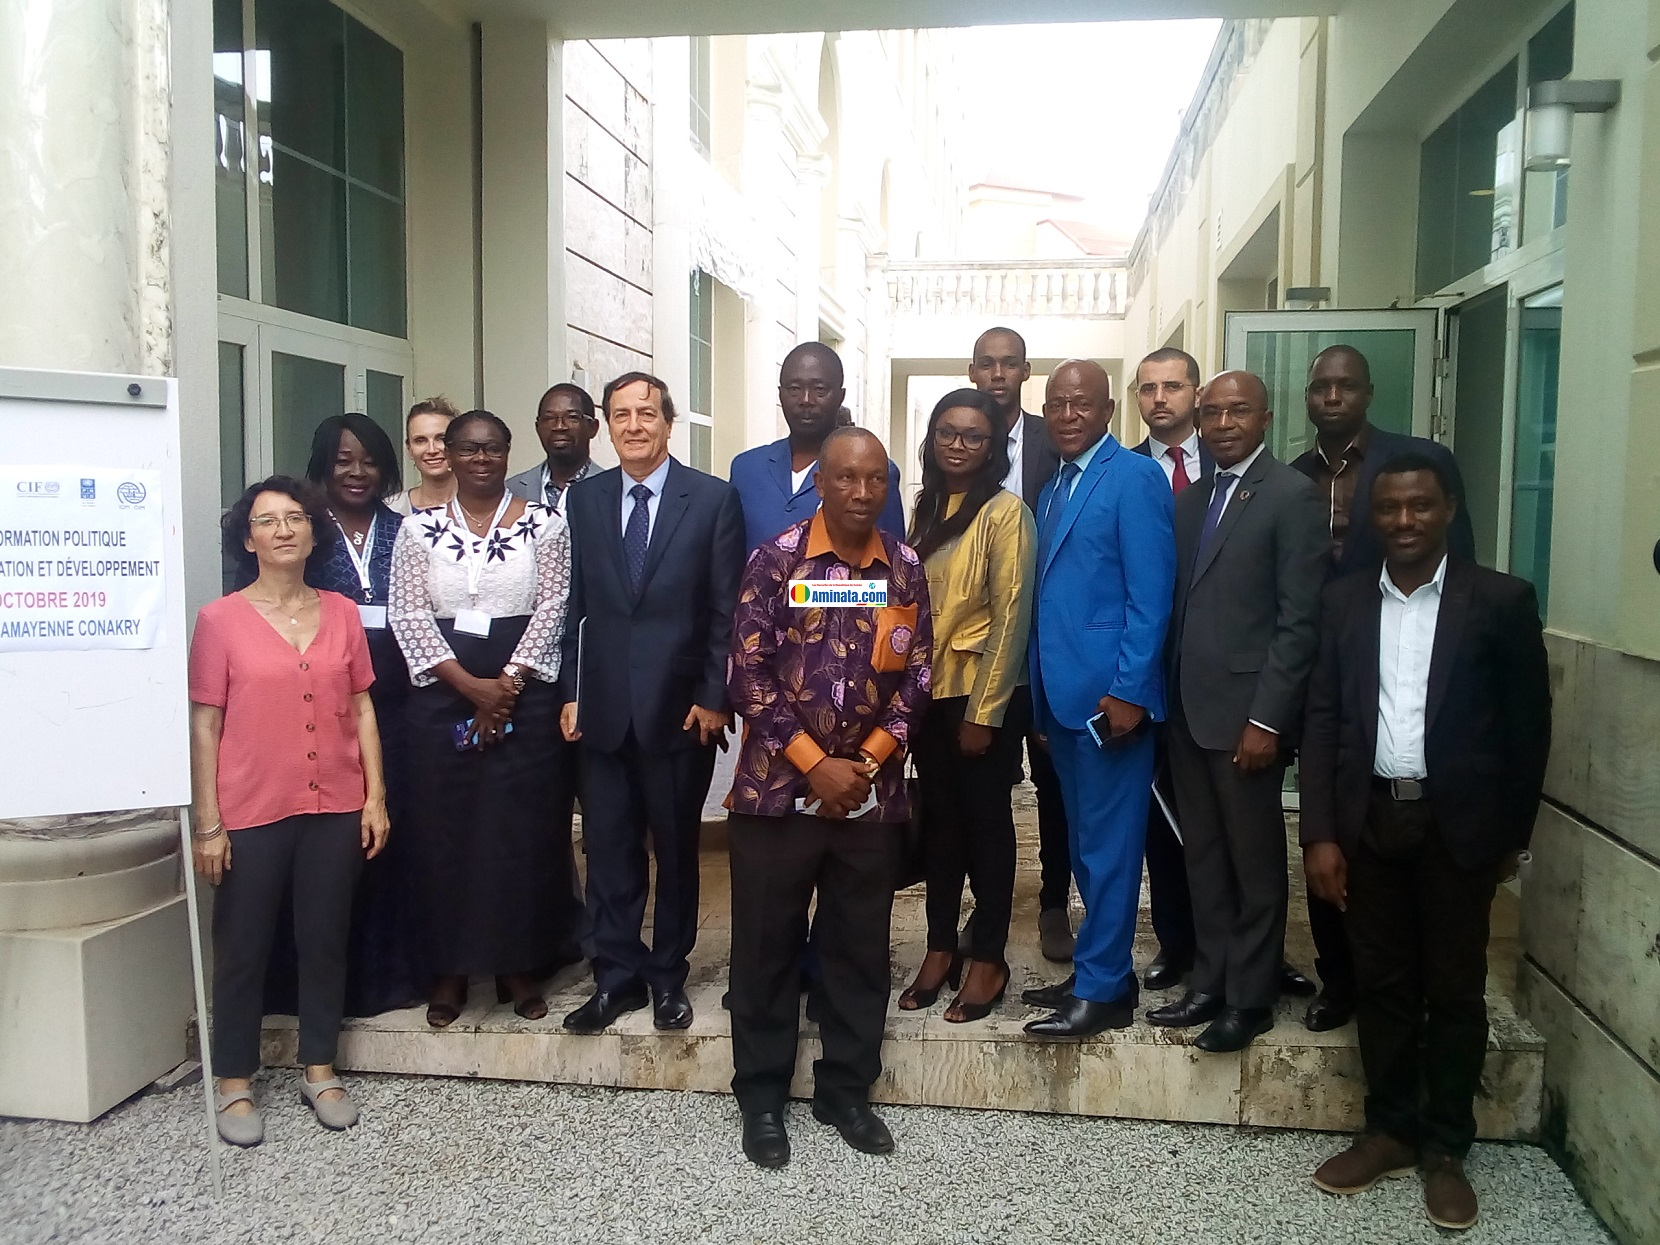 Travaux de l'atelier de formation sur la Politique de l'emploi, Migration, et Développement à Conakry ce mardi 29 octobre 2019